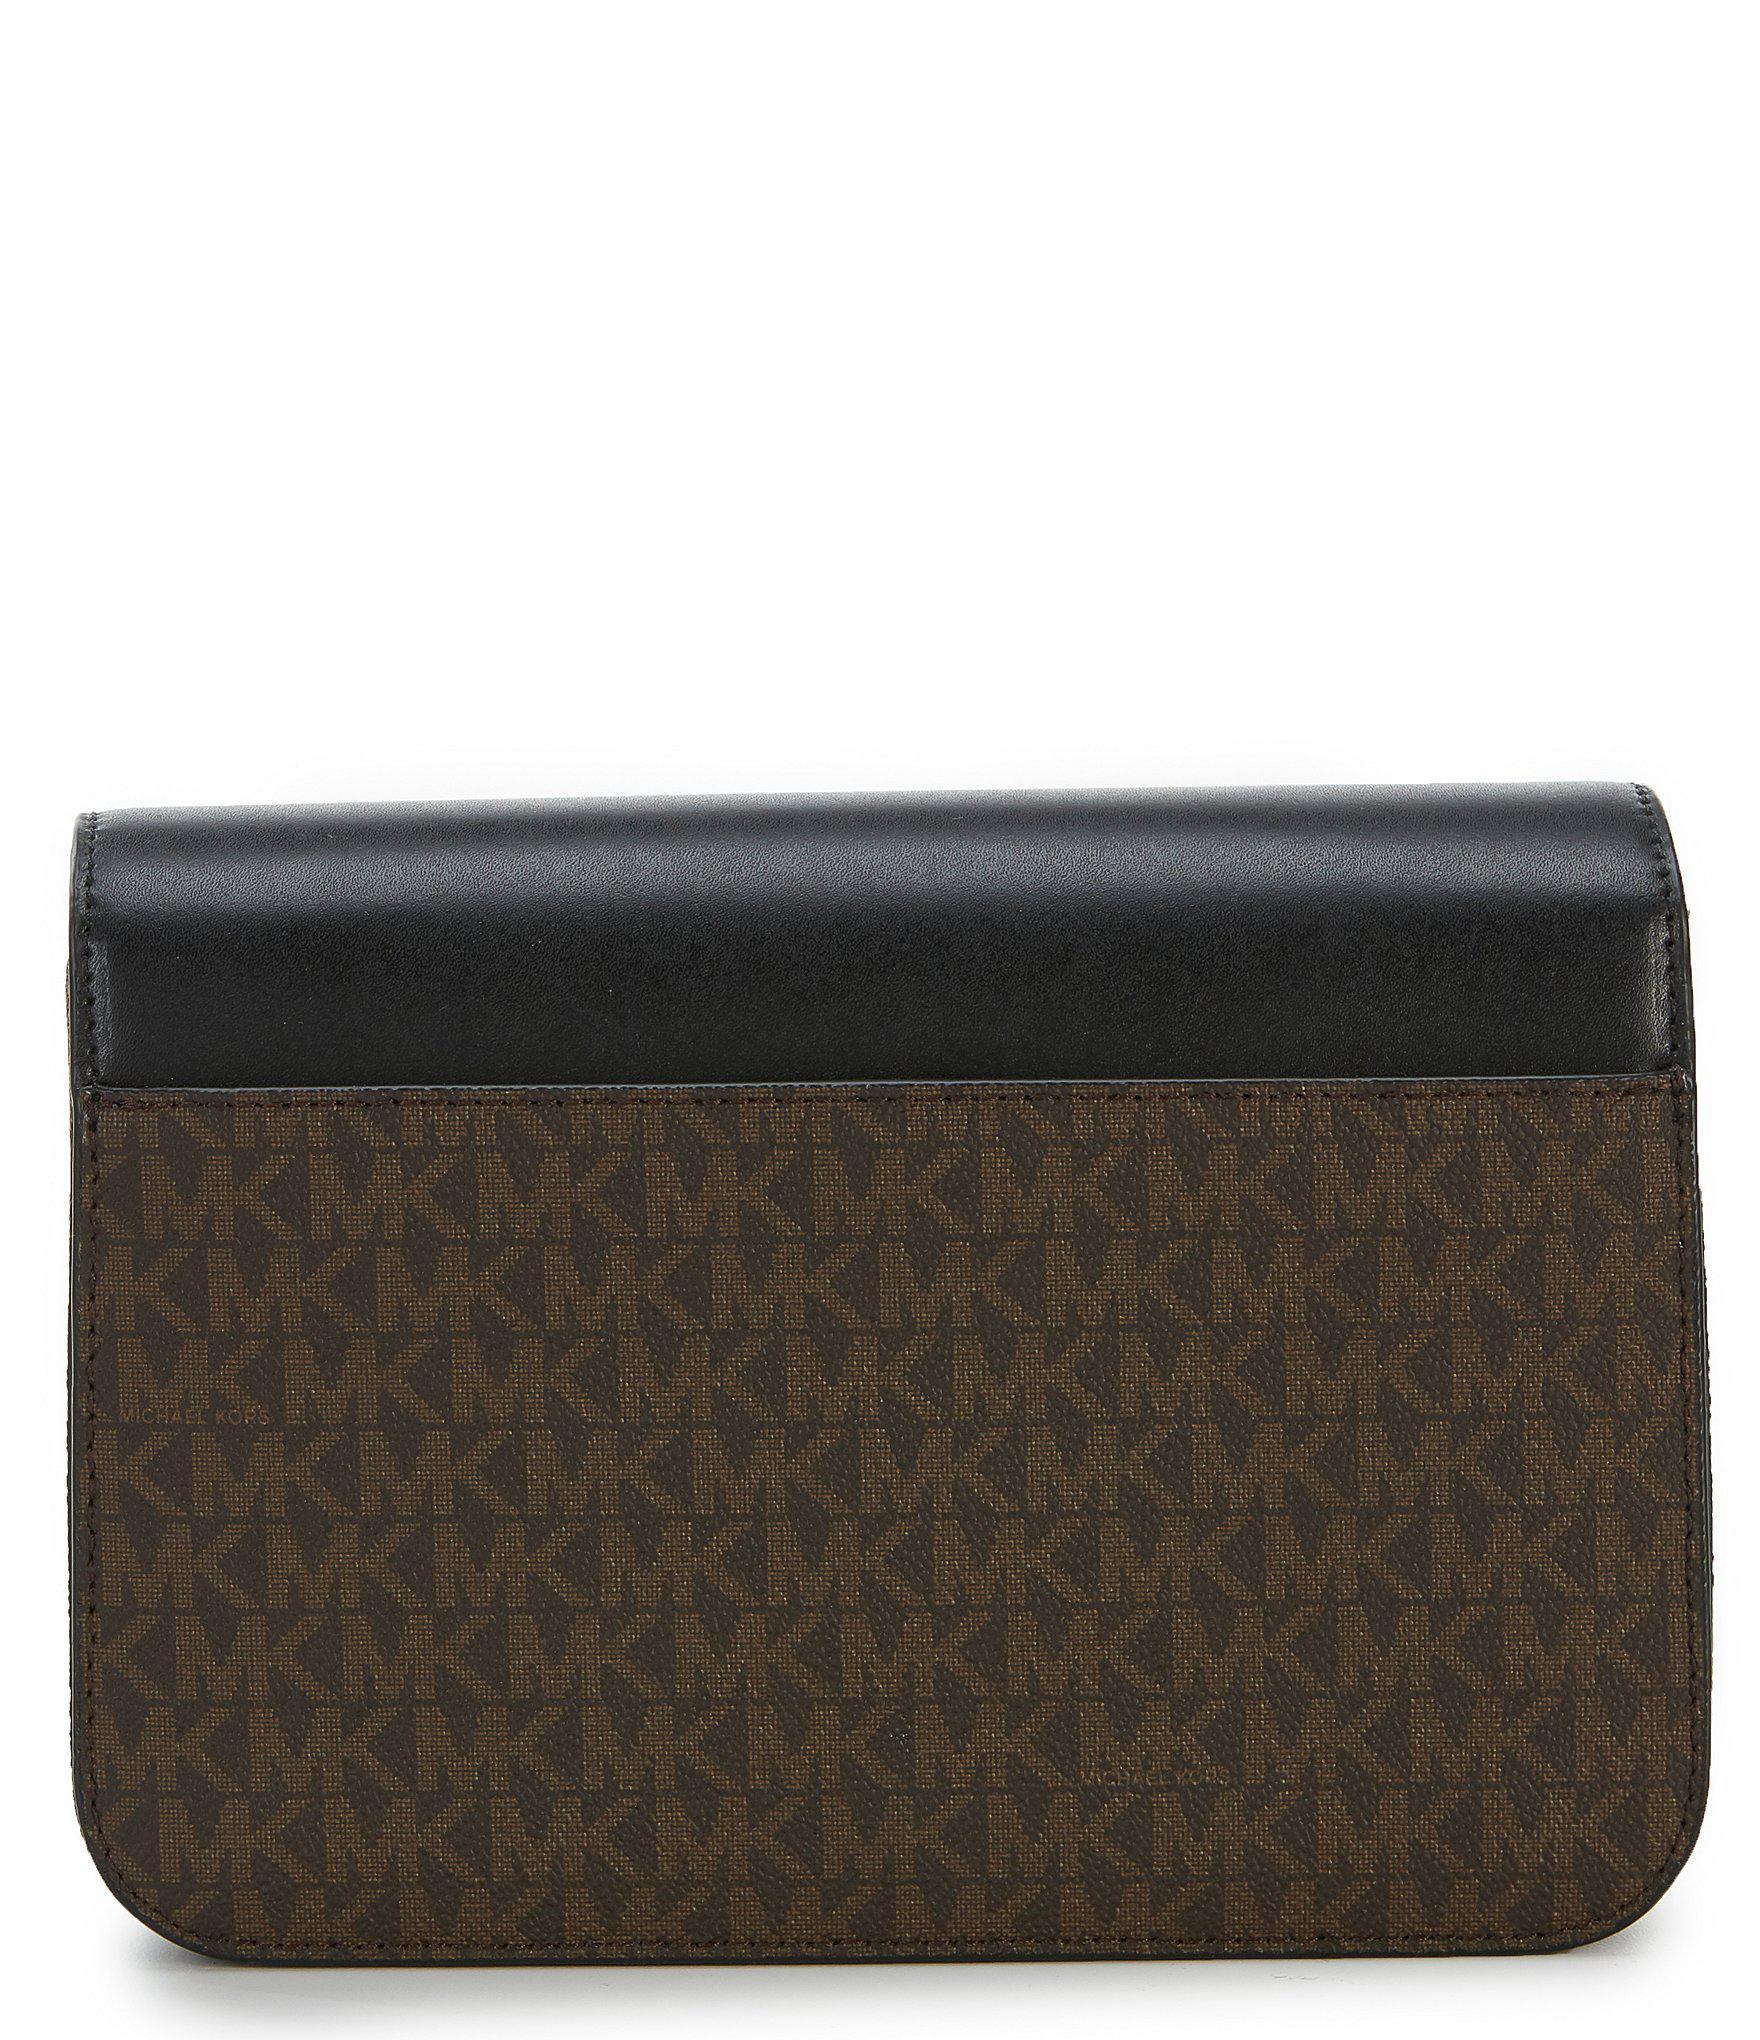 7b1ffb4946 MICHAEL Michael Kors - Black Sloan Editor Large Push Lock Shoulder Bag -  Lyst. View fullscreen